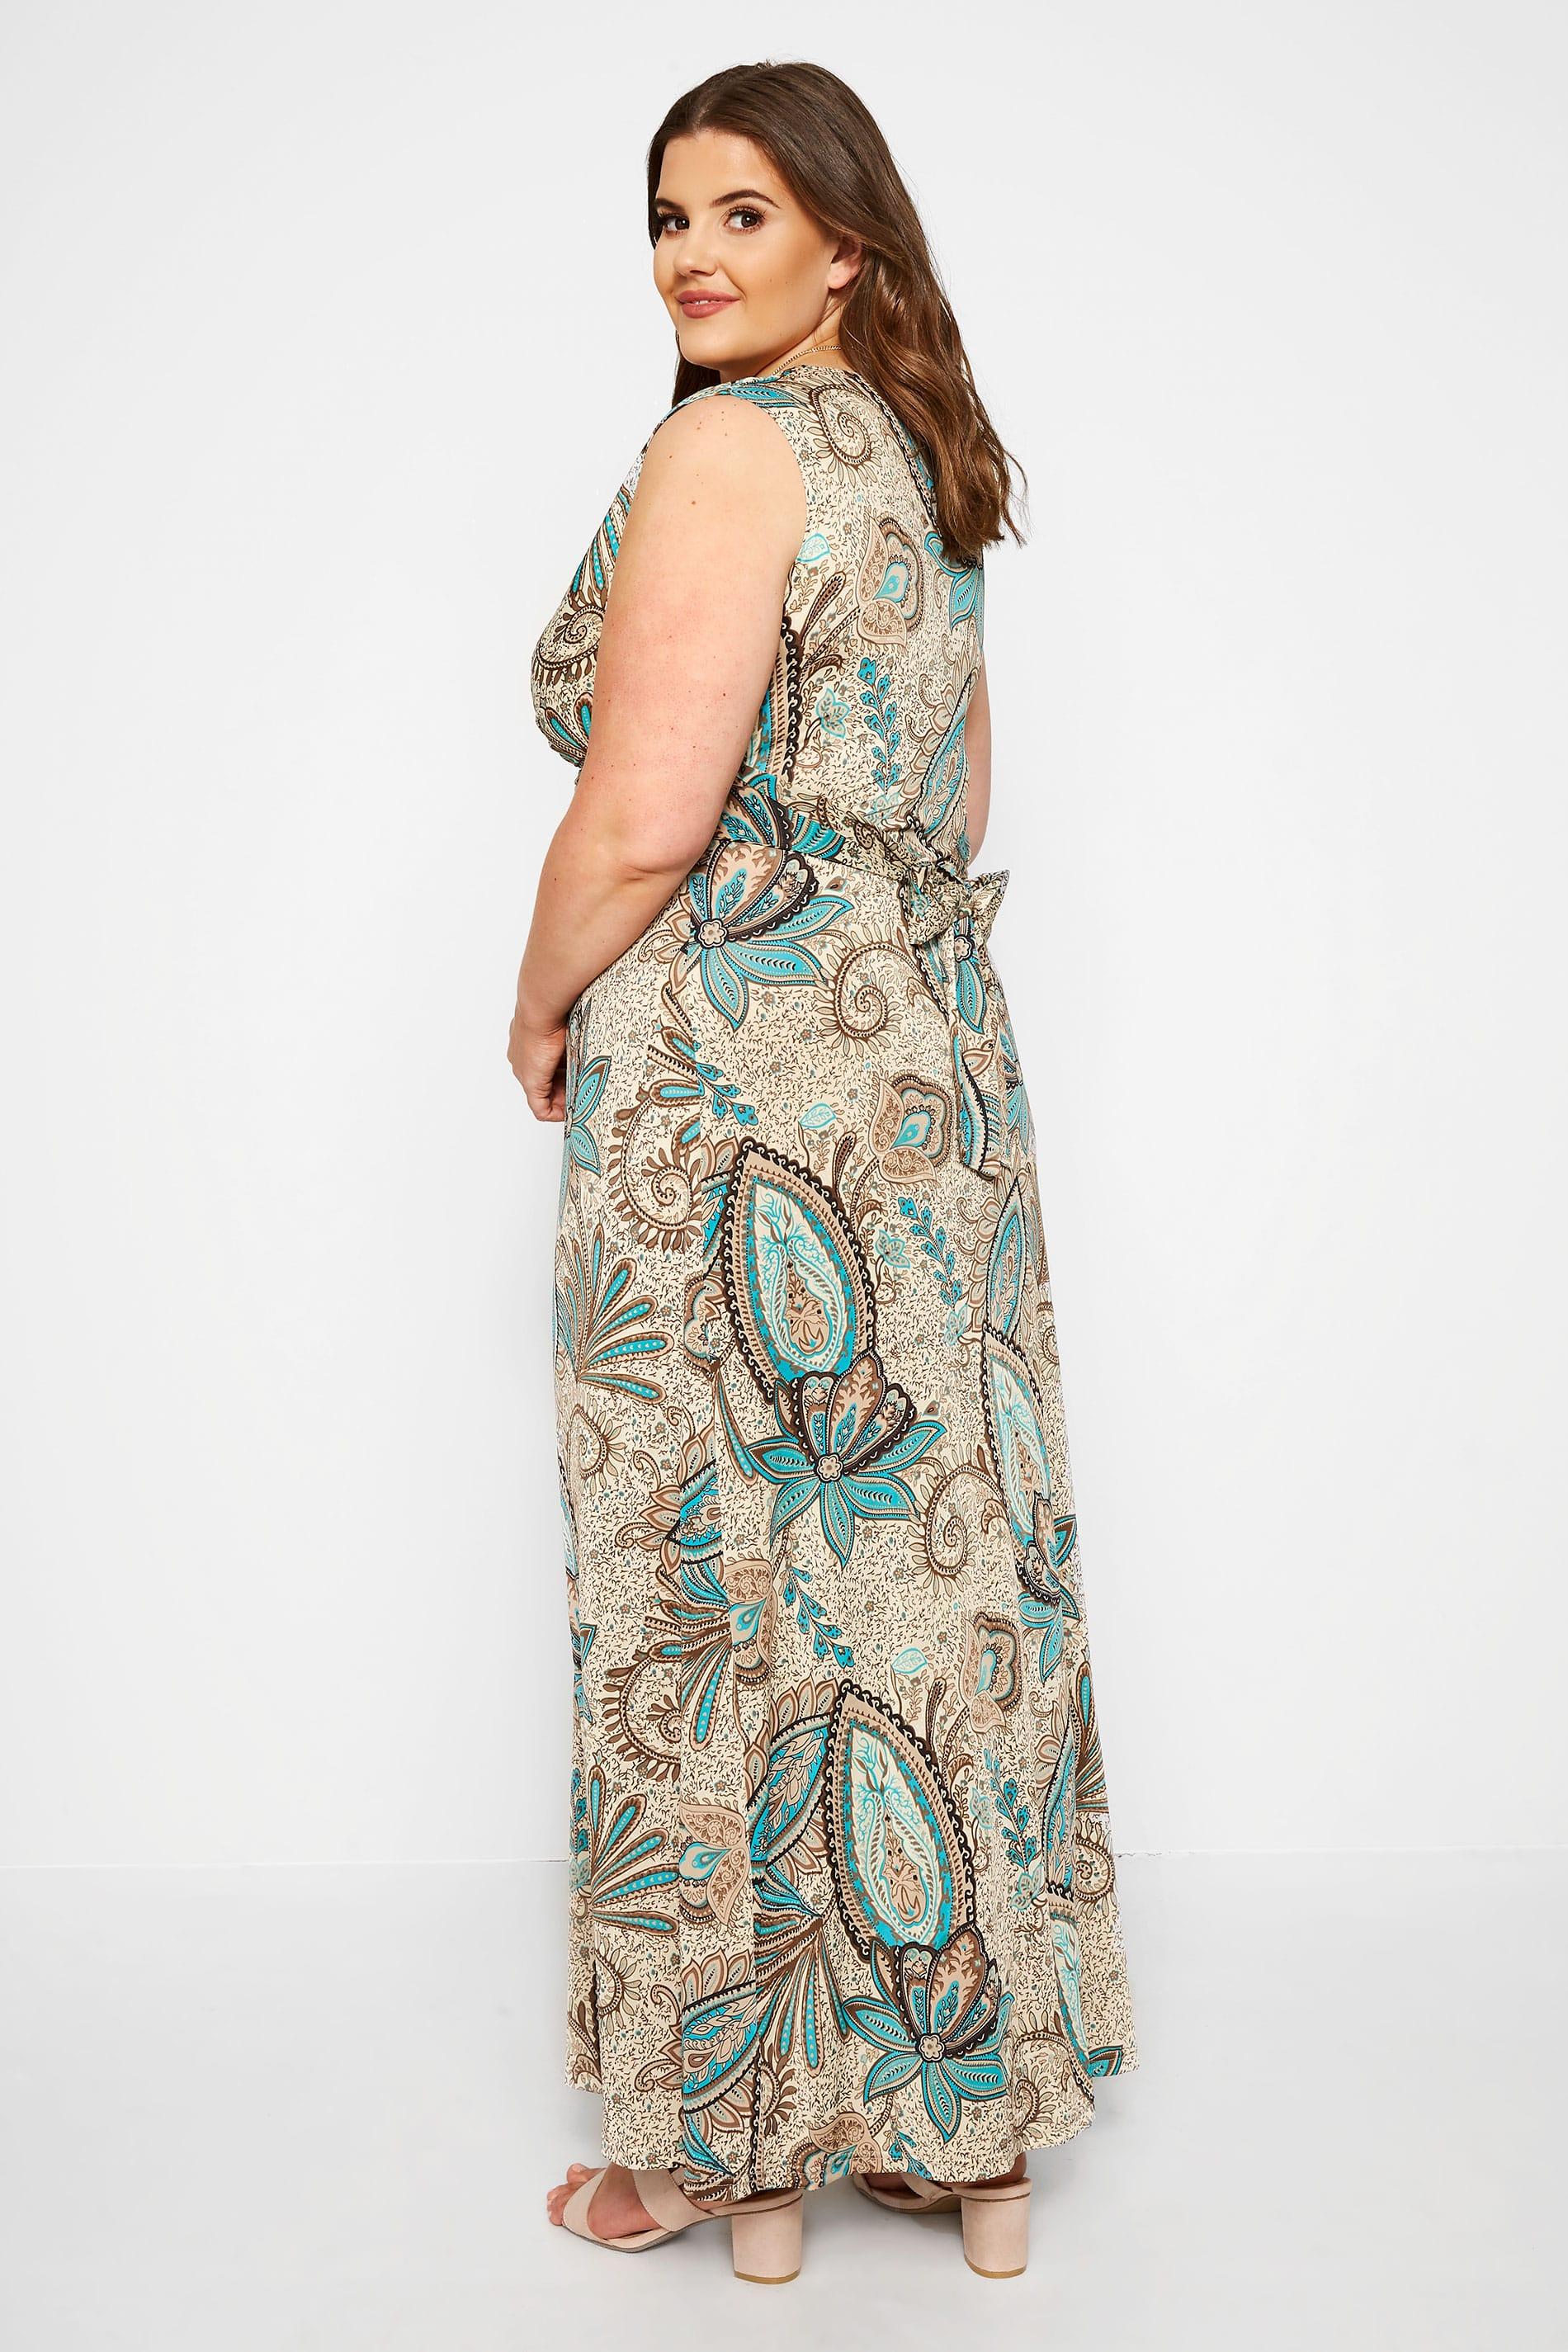 Maxi-Kleid im Paisley-Muster - Beige/Grün, große Größen 44 ...